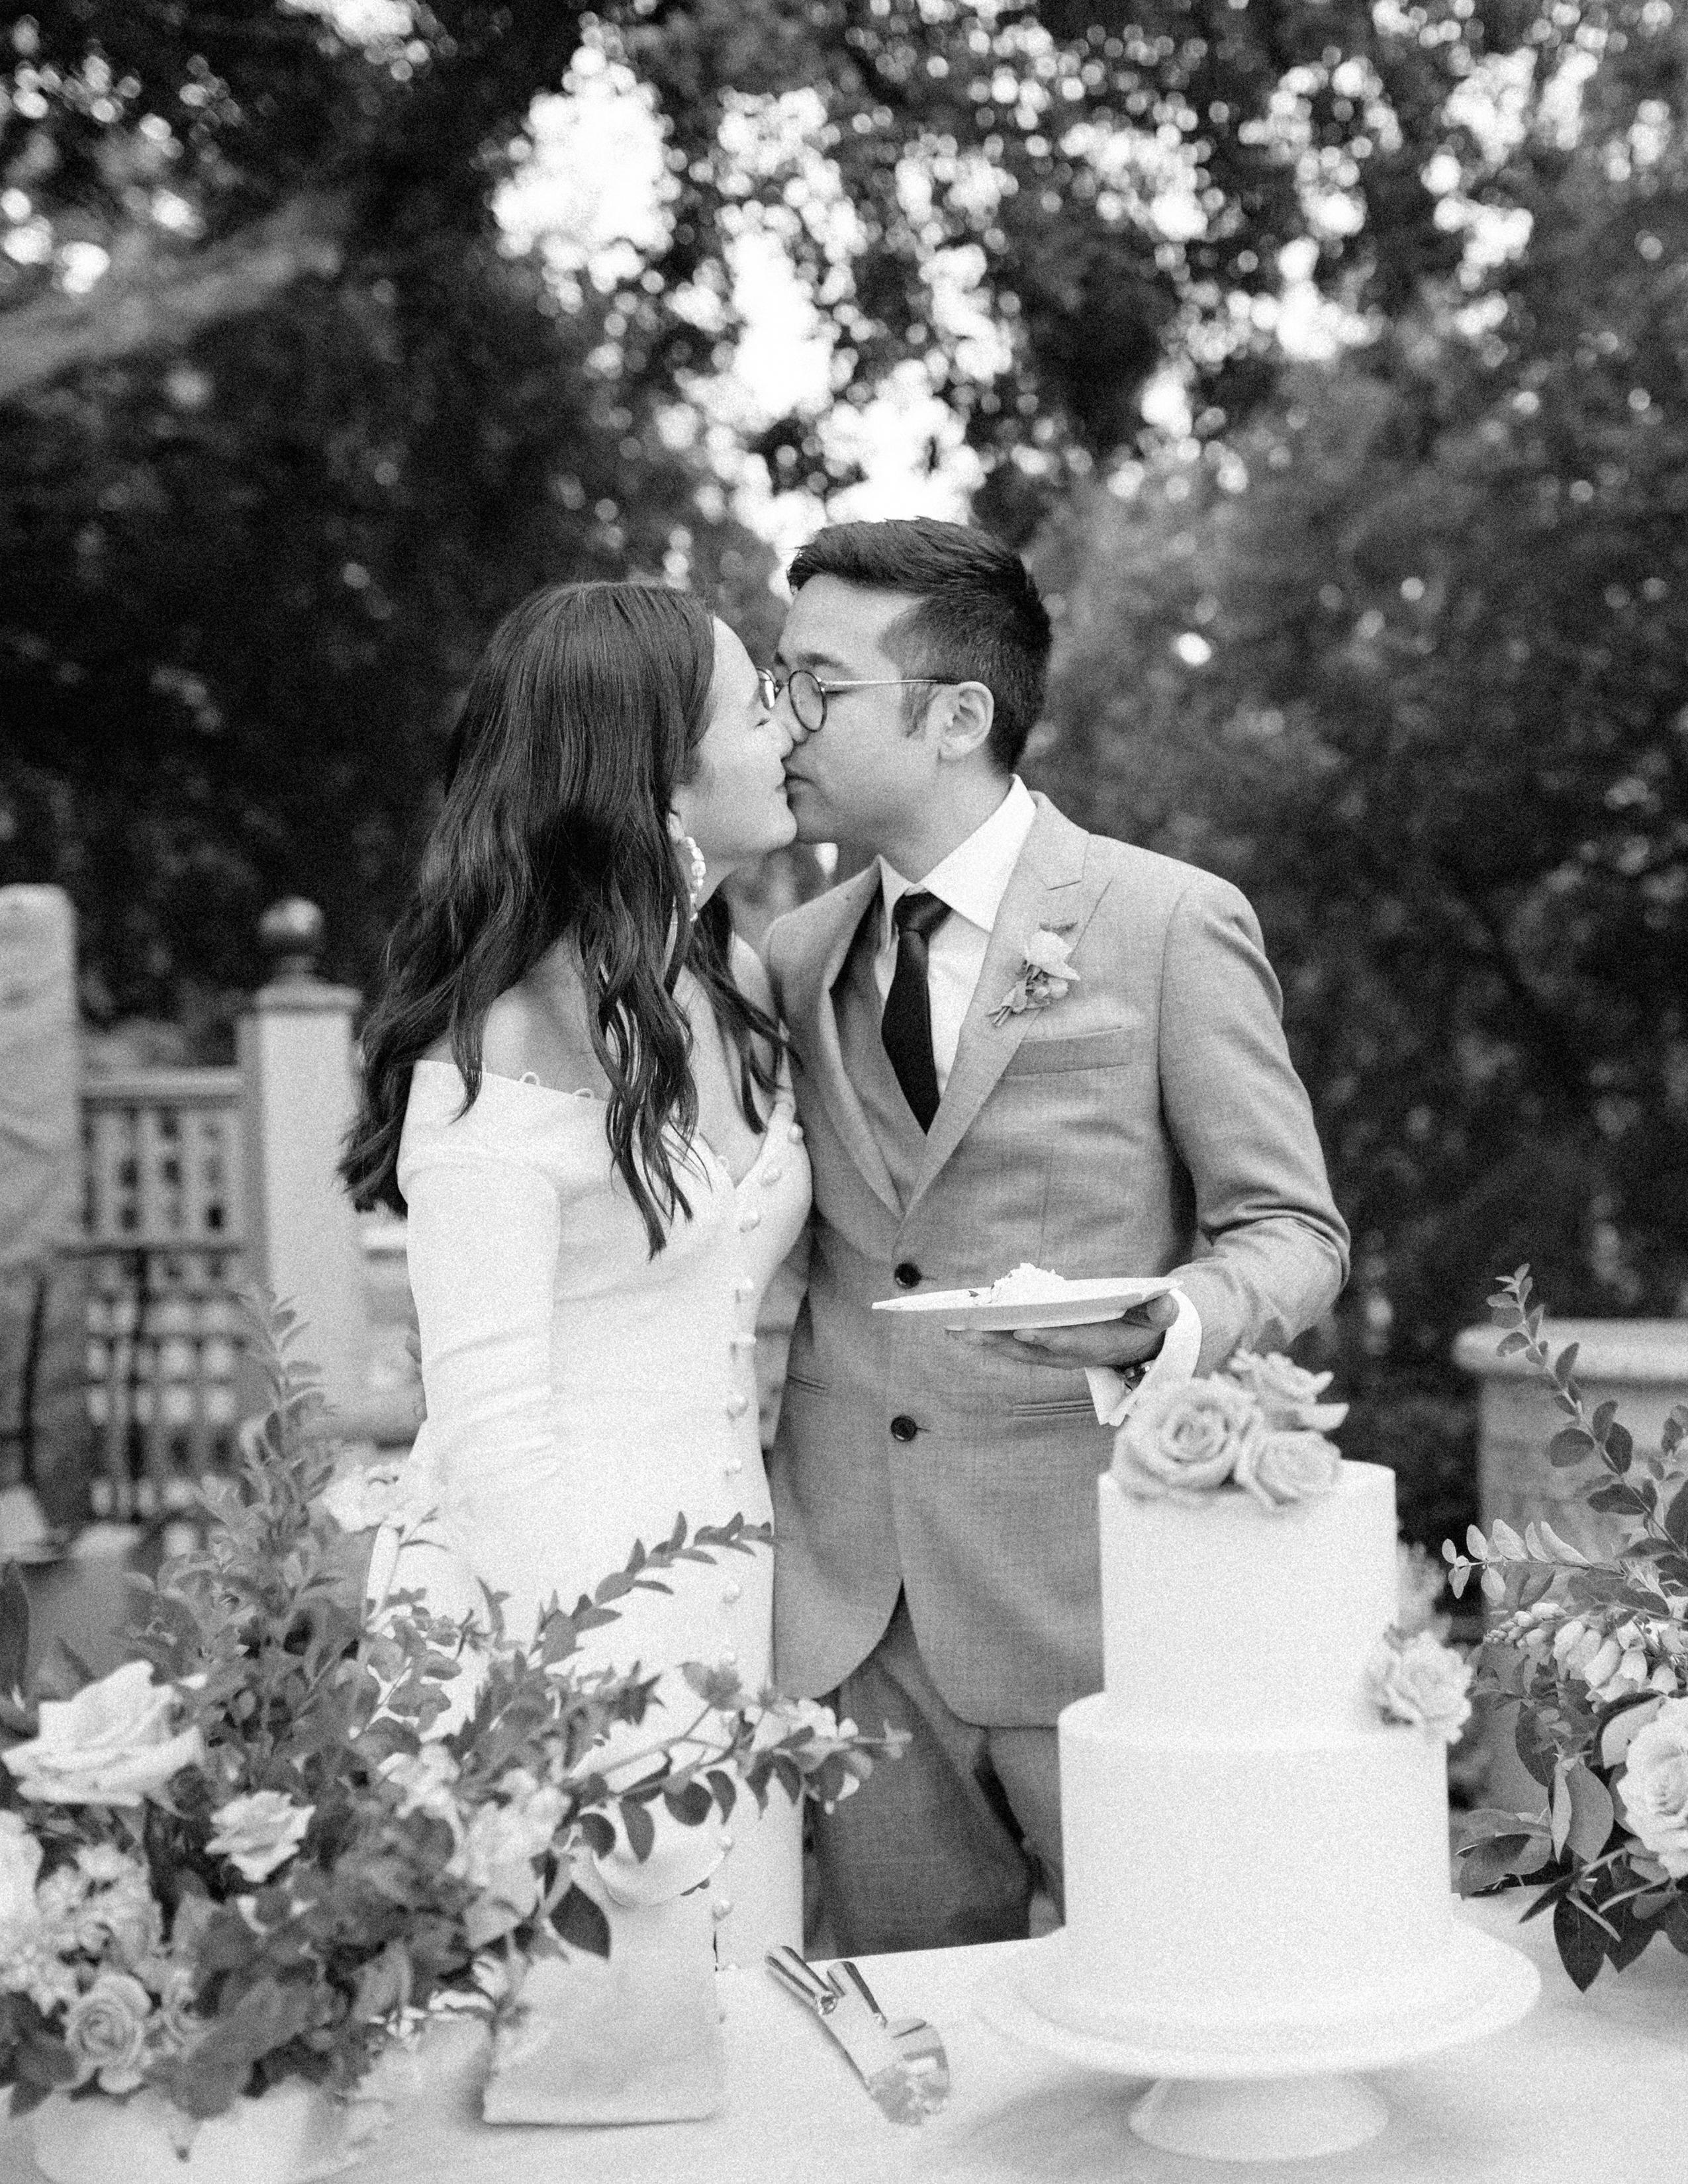 evelyn sam wedding kiss during reception